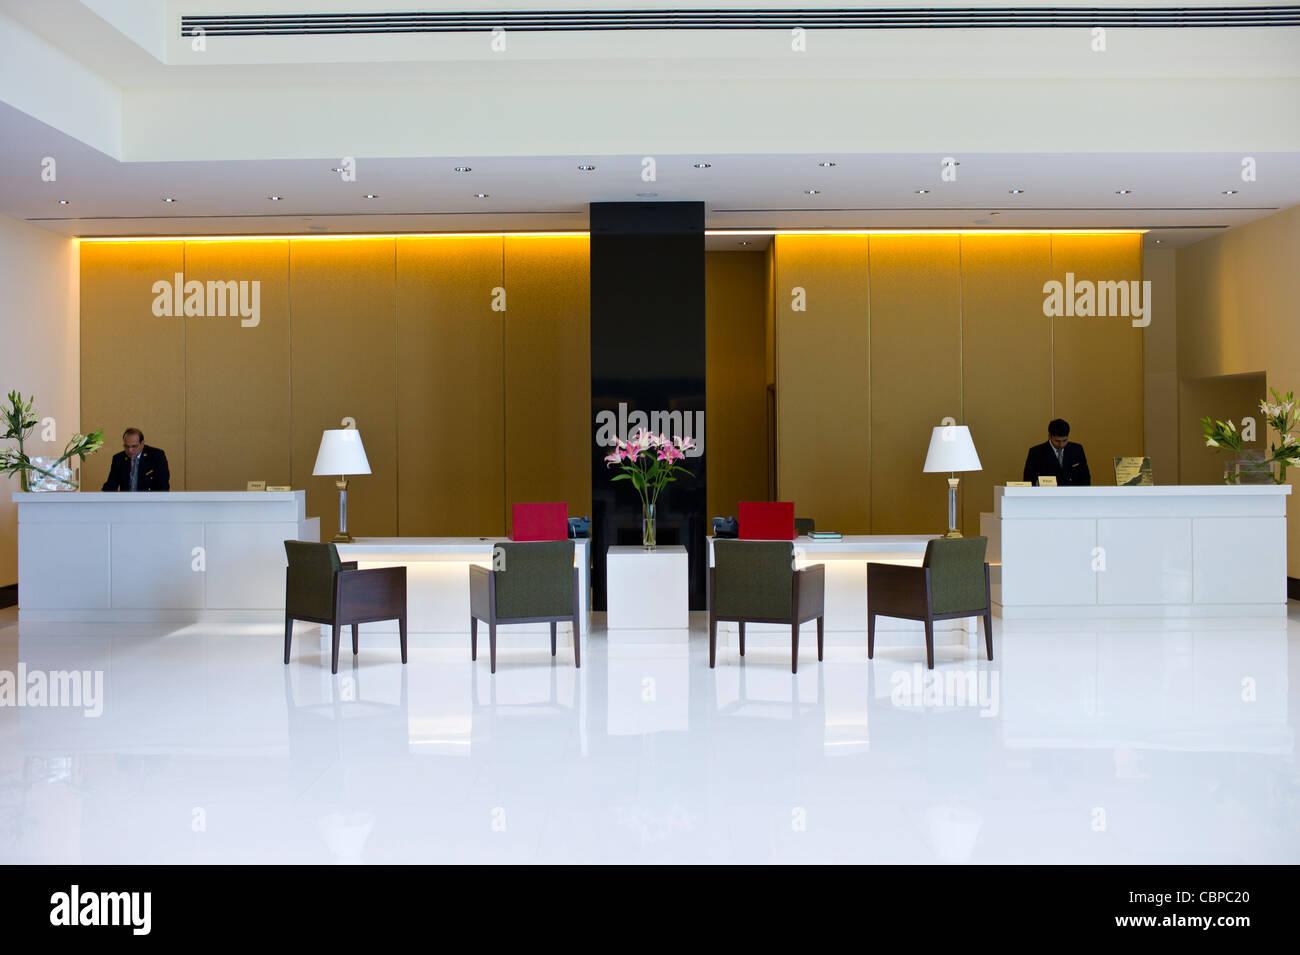 Lobby and Reception area in the 5-star Oberoi Mumbai Hotel at Nariman Point, Mumbai, formerly Bombay, Maharashtra, - Stock Image